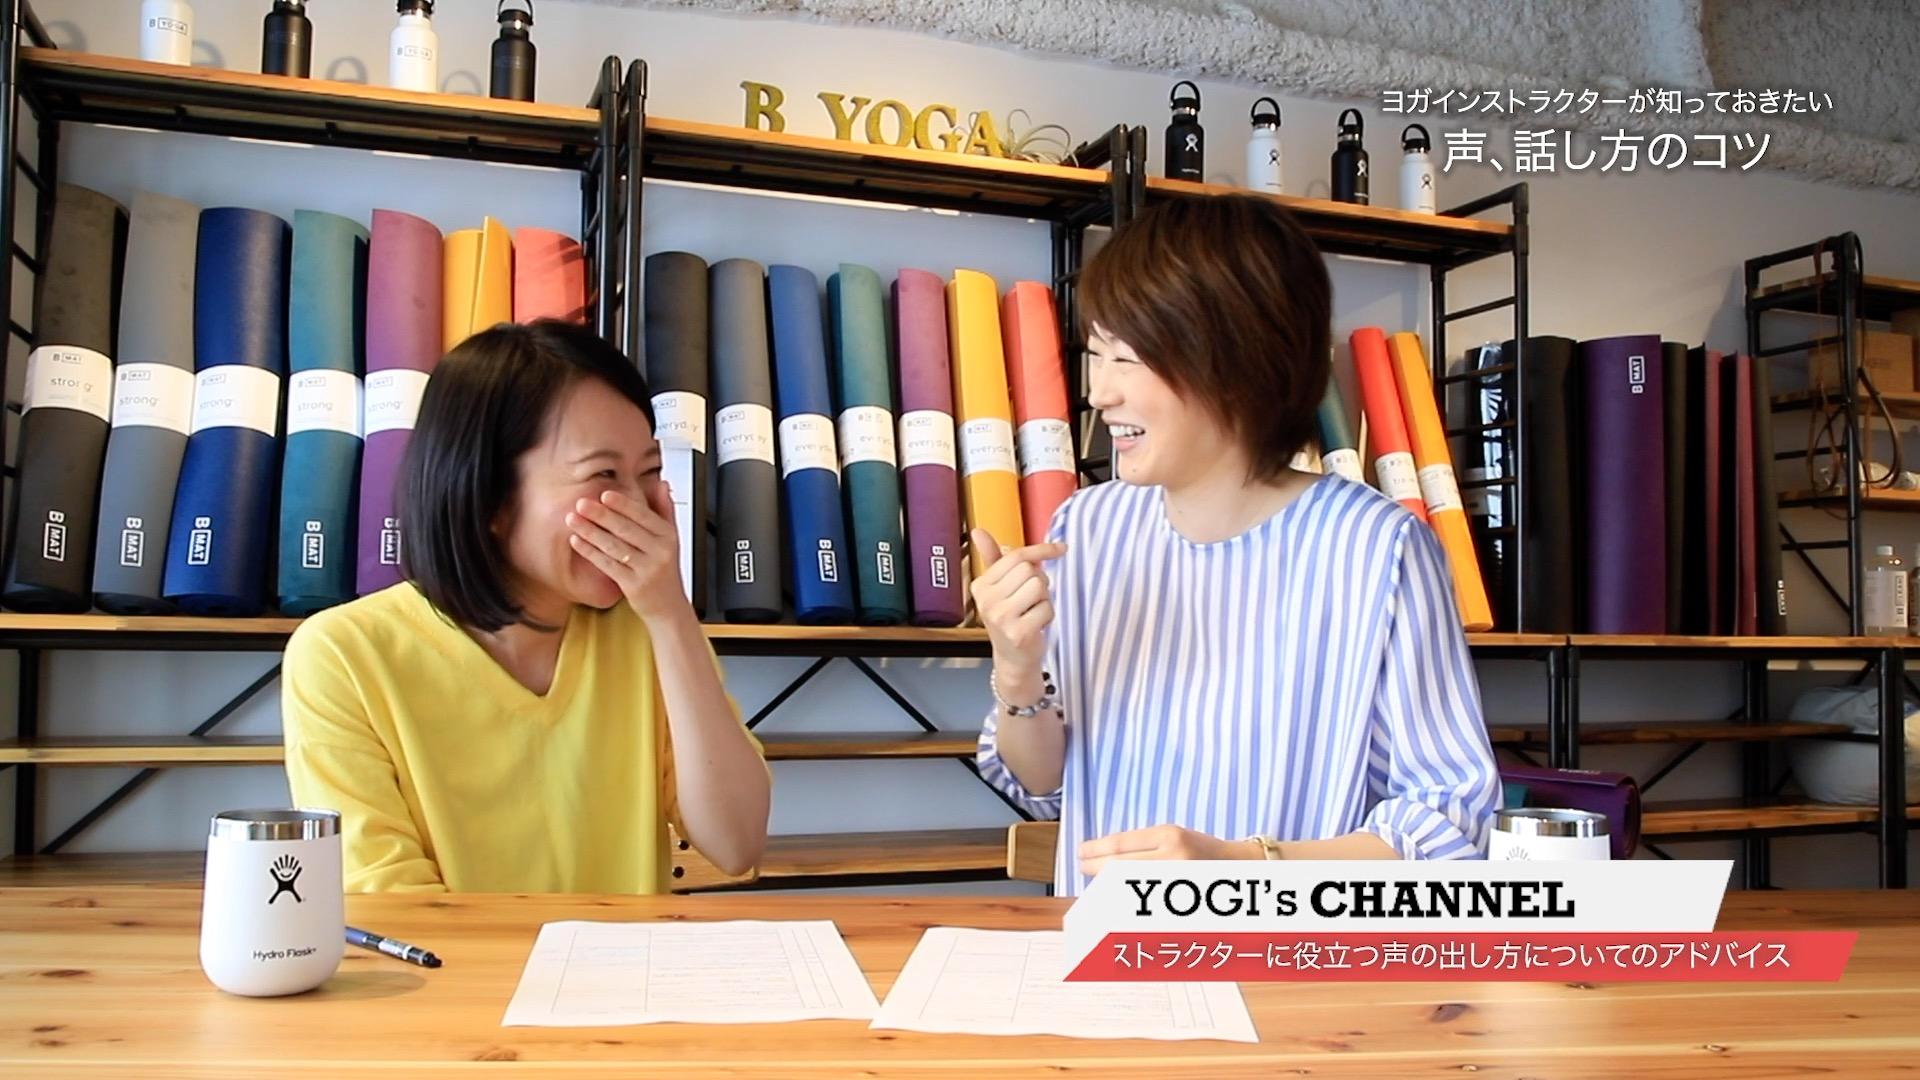 ヨガジェネ編集長kayaと高橋淳子先生が漫談している写真